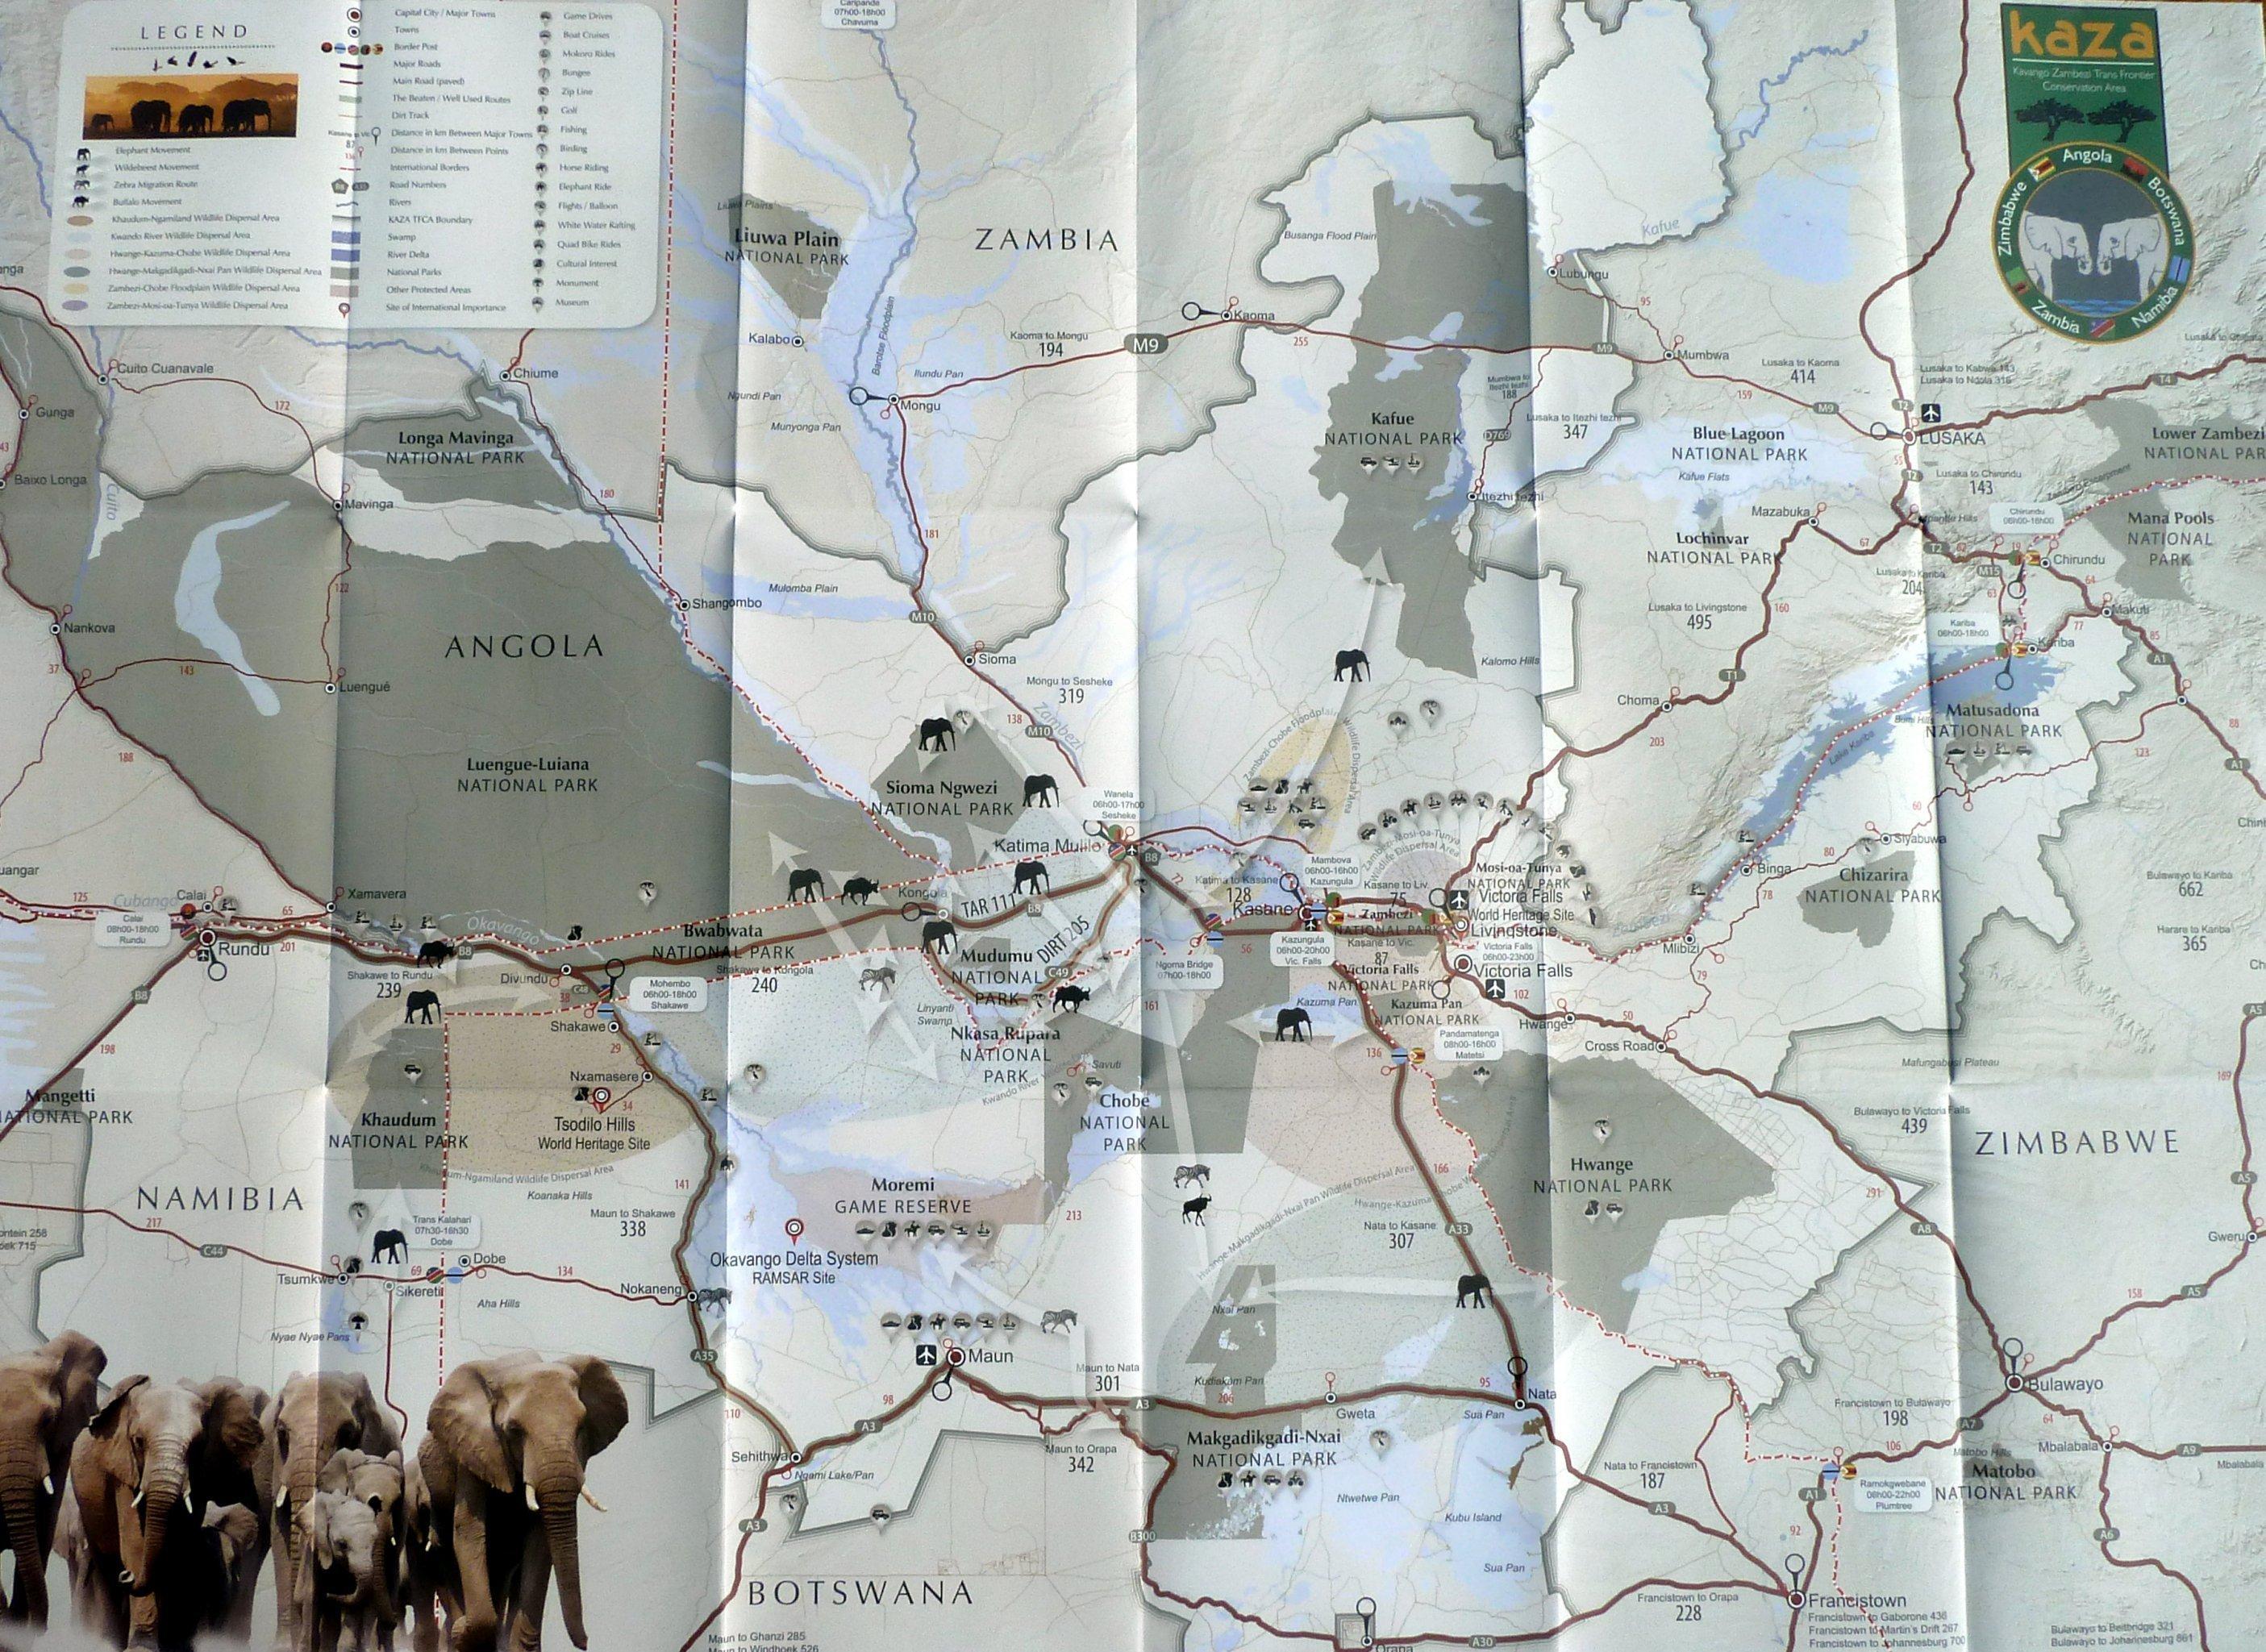 Eine Karte vom KAZA-Schutzgebiet, das sich über mehrere Landesgrenzen erstreckt